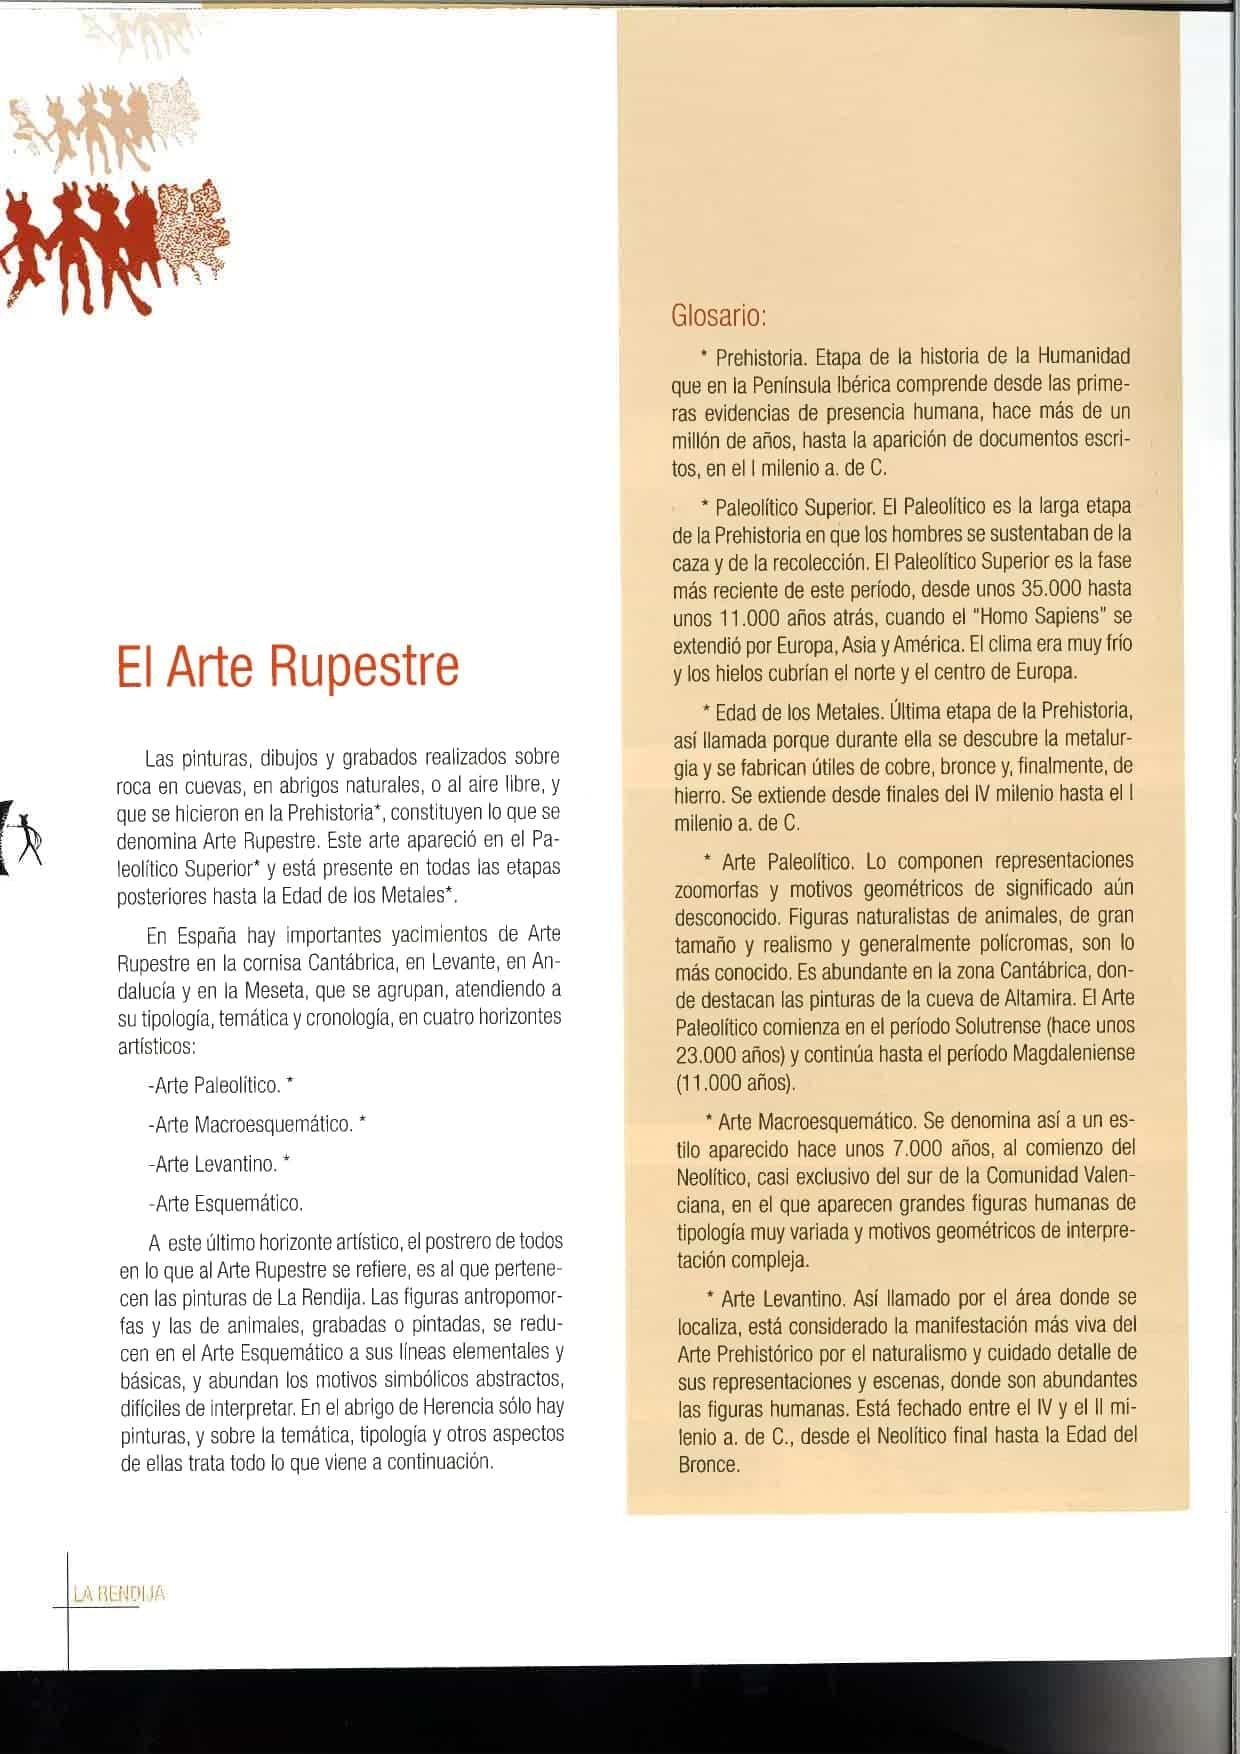 """Herencia celebró el Día Europeo del Arte Rupestre con """"La Rendija"""" 54"""